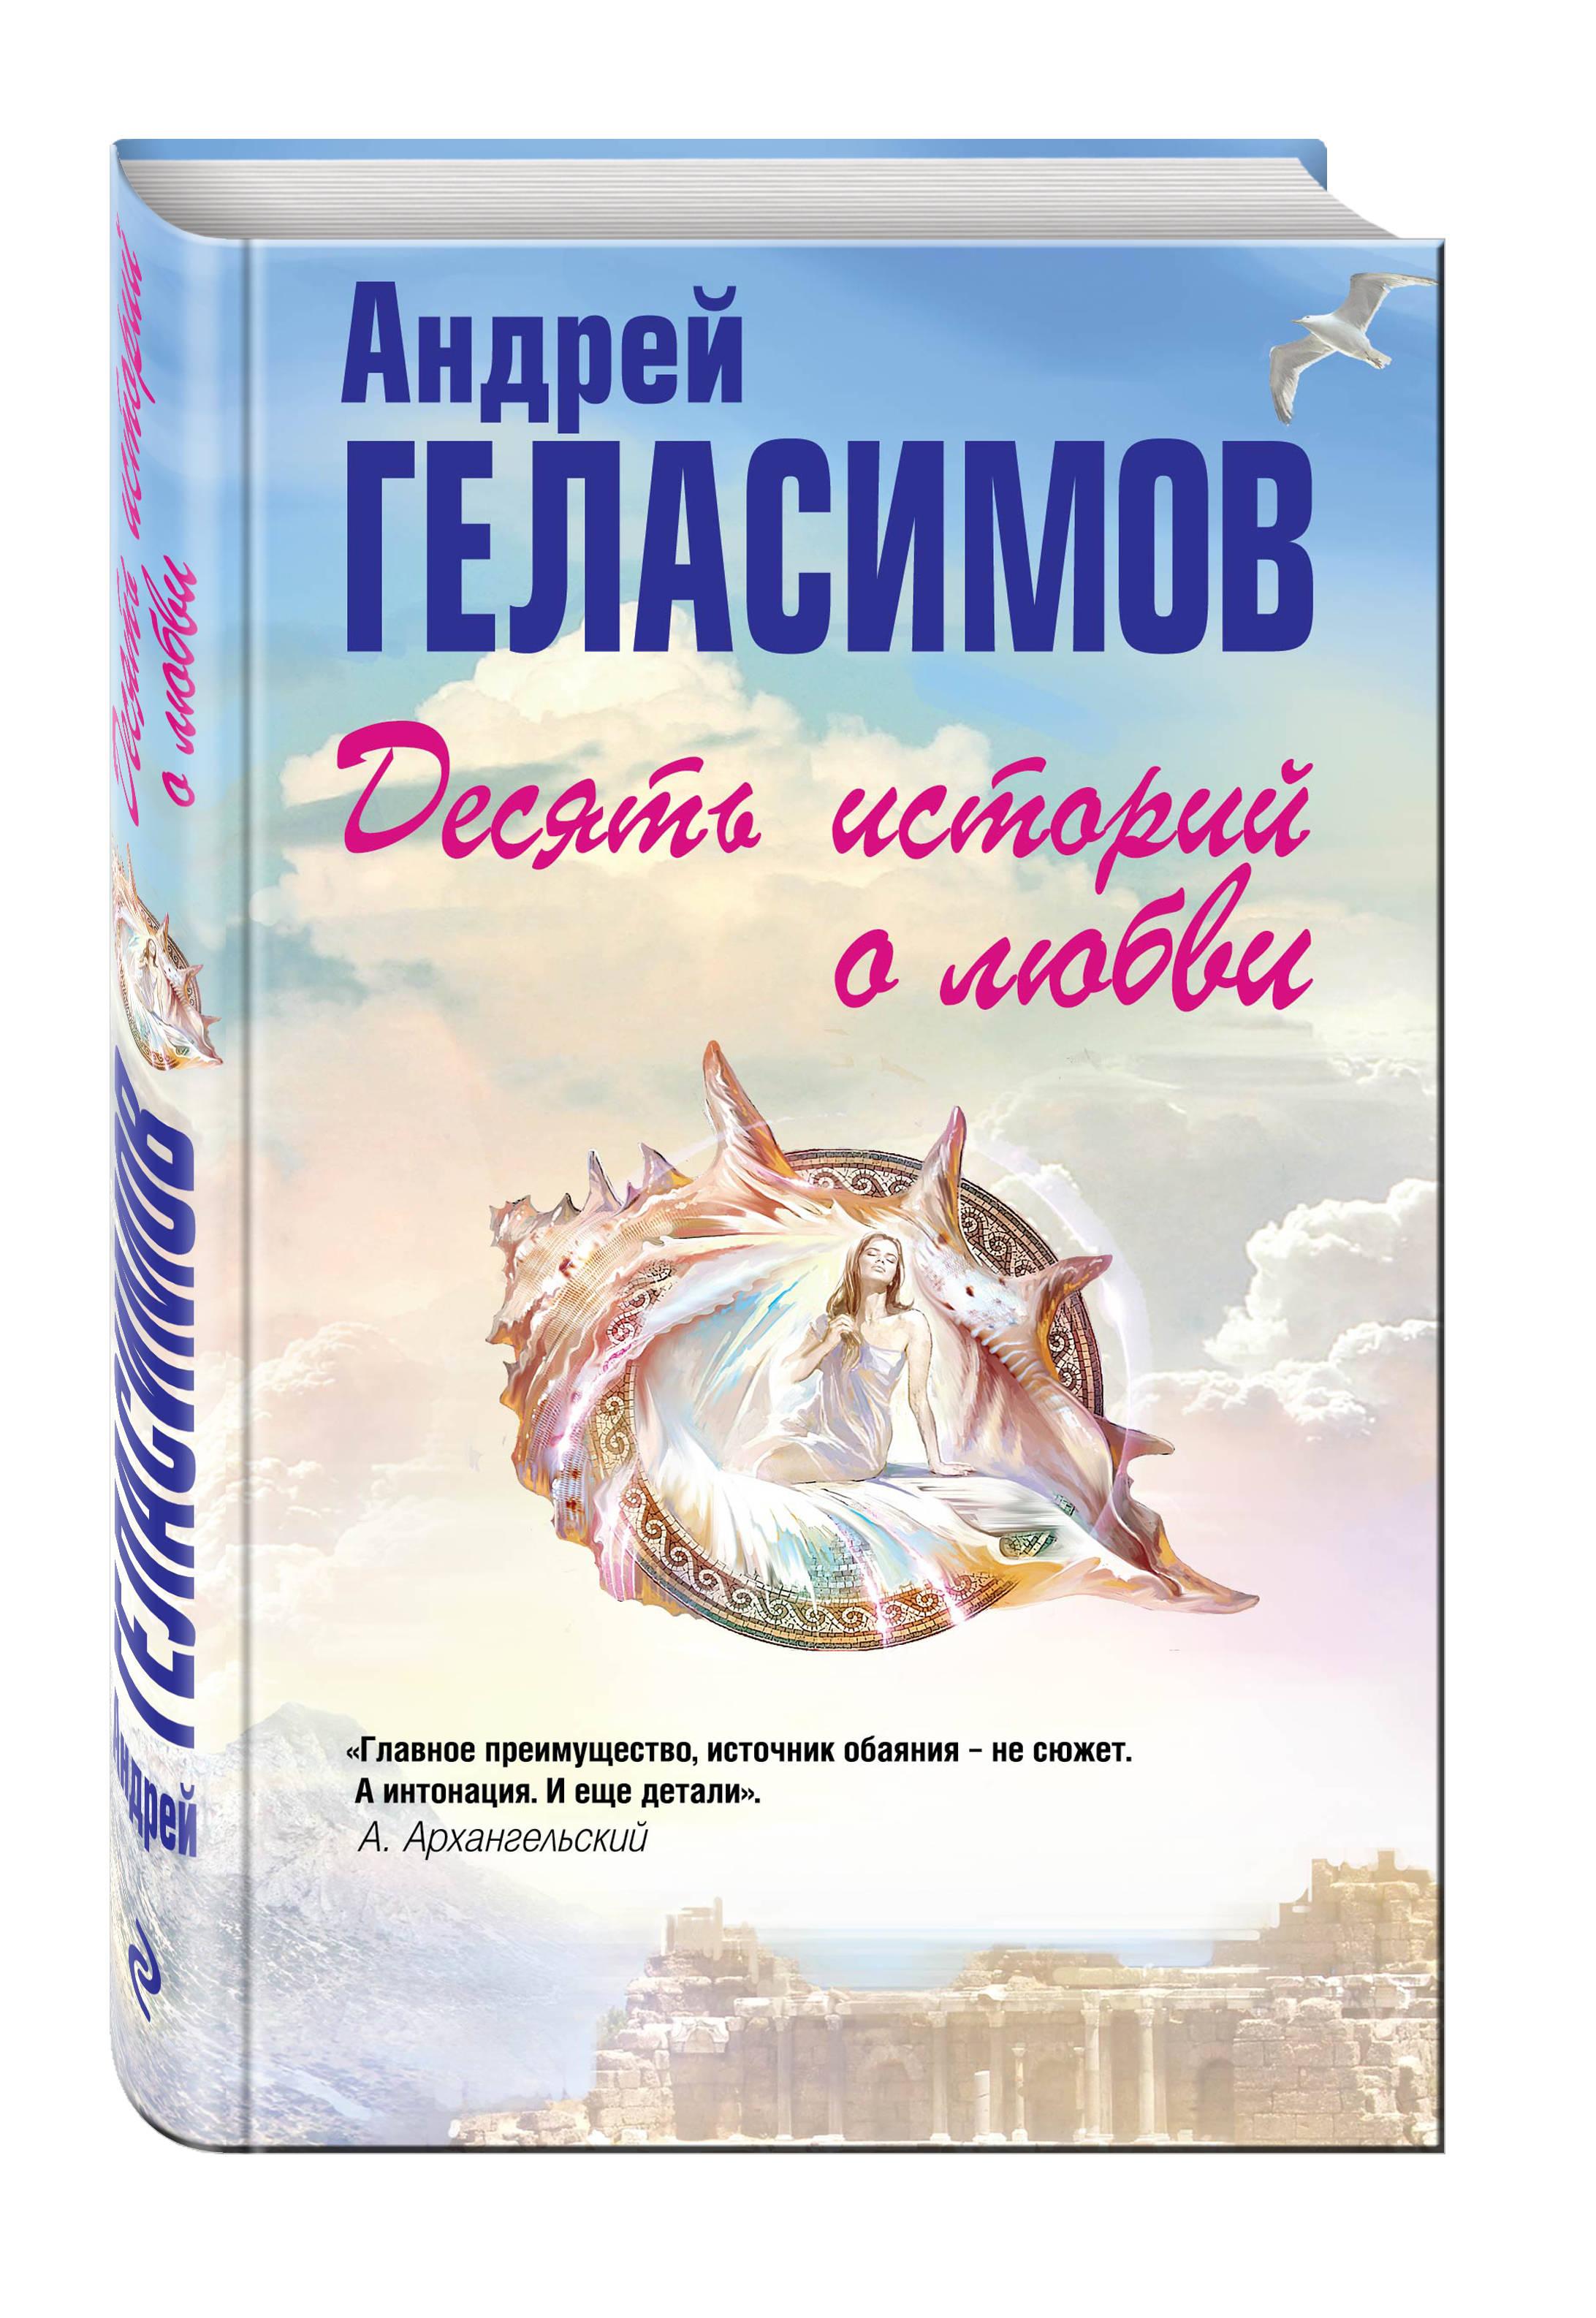 Геласимов А.В. Десять историй о любви ISBN: 978-5-699-83869-1 эзотерика о любви